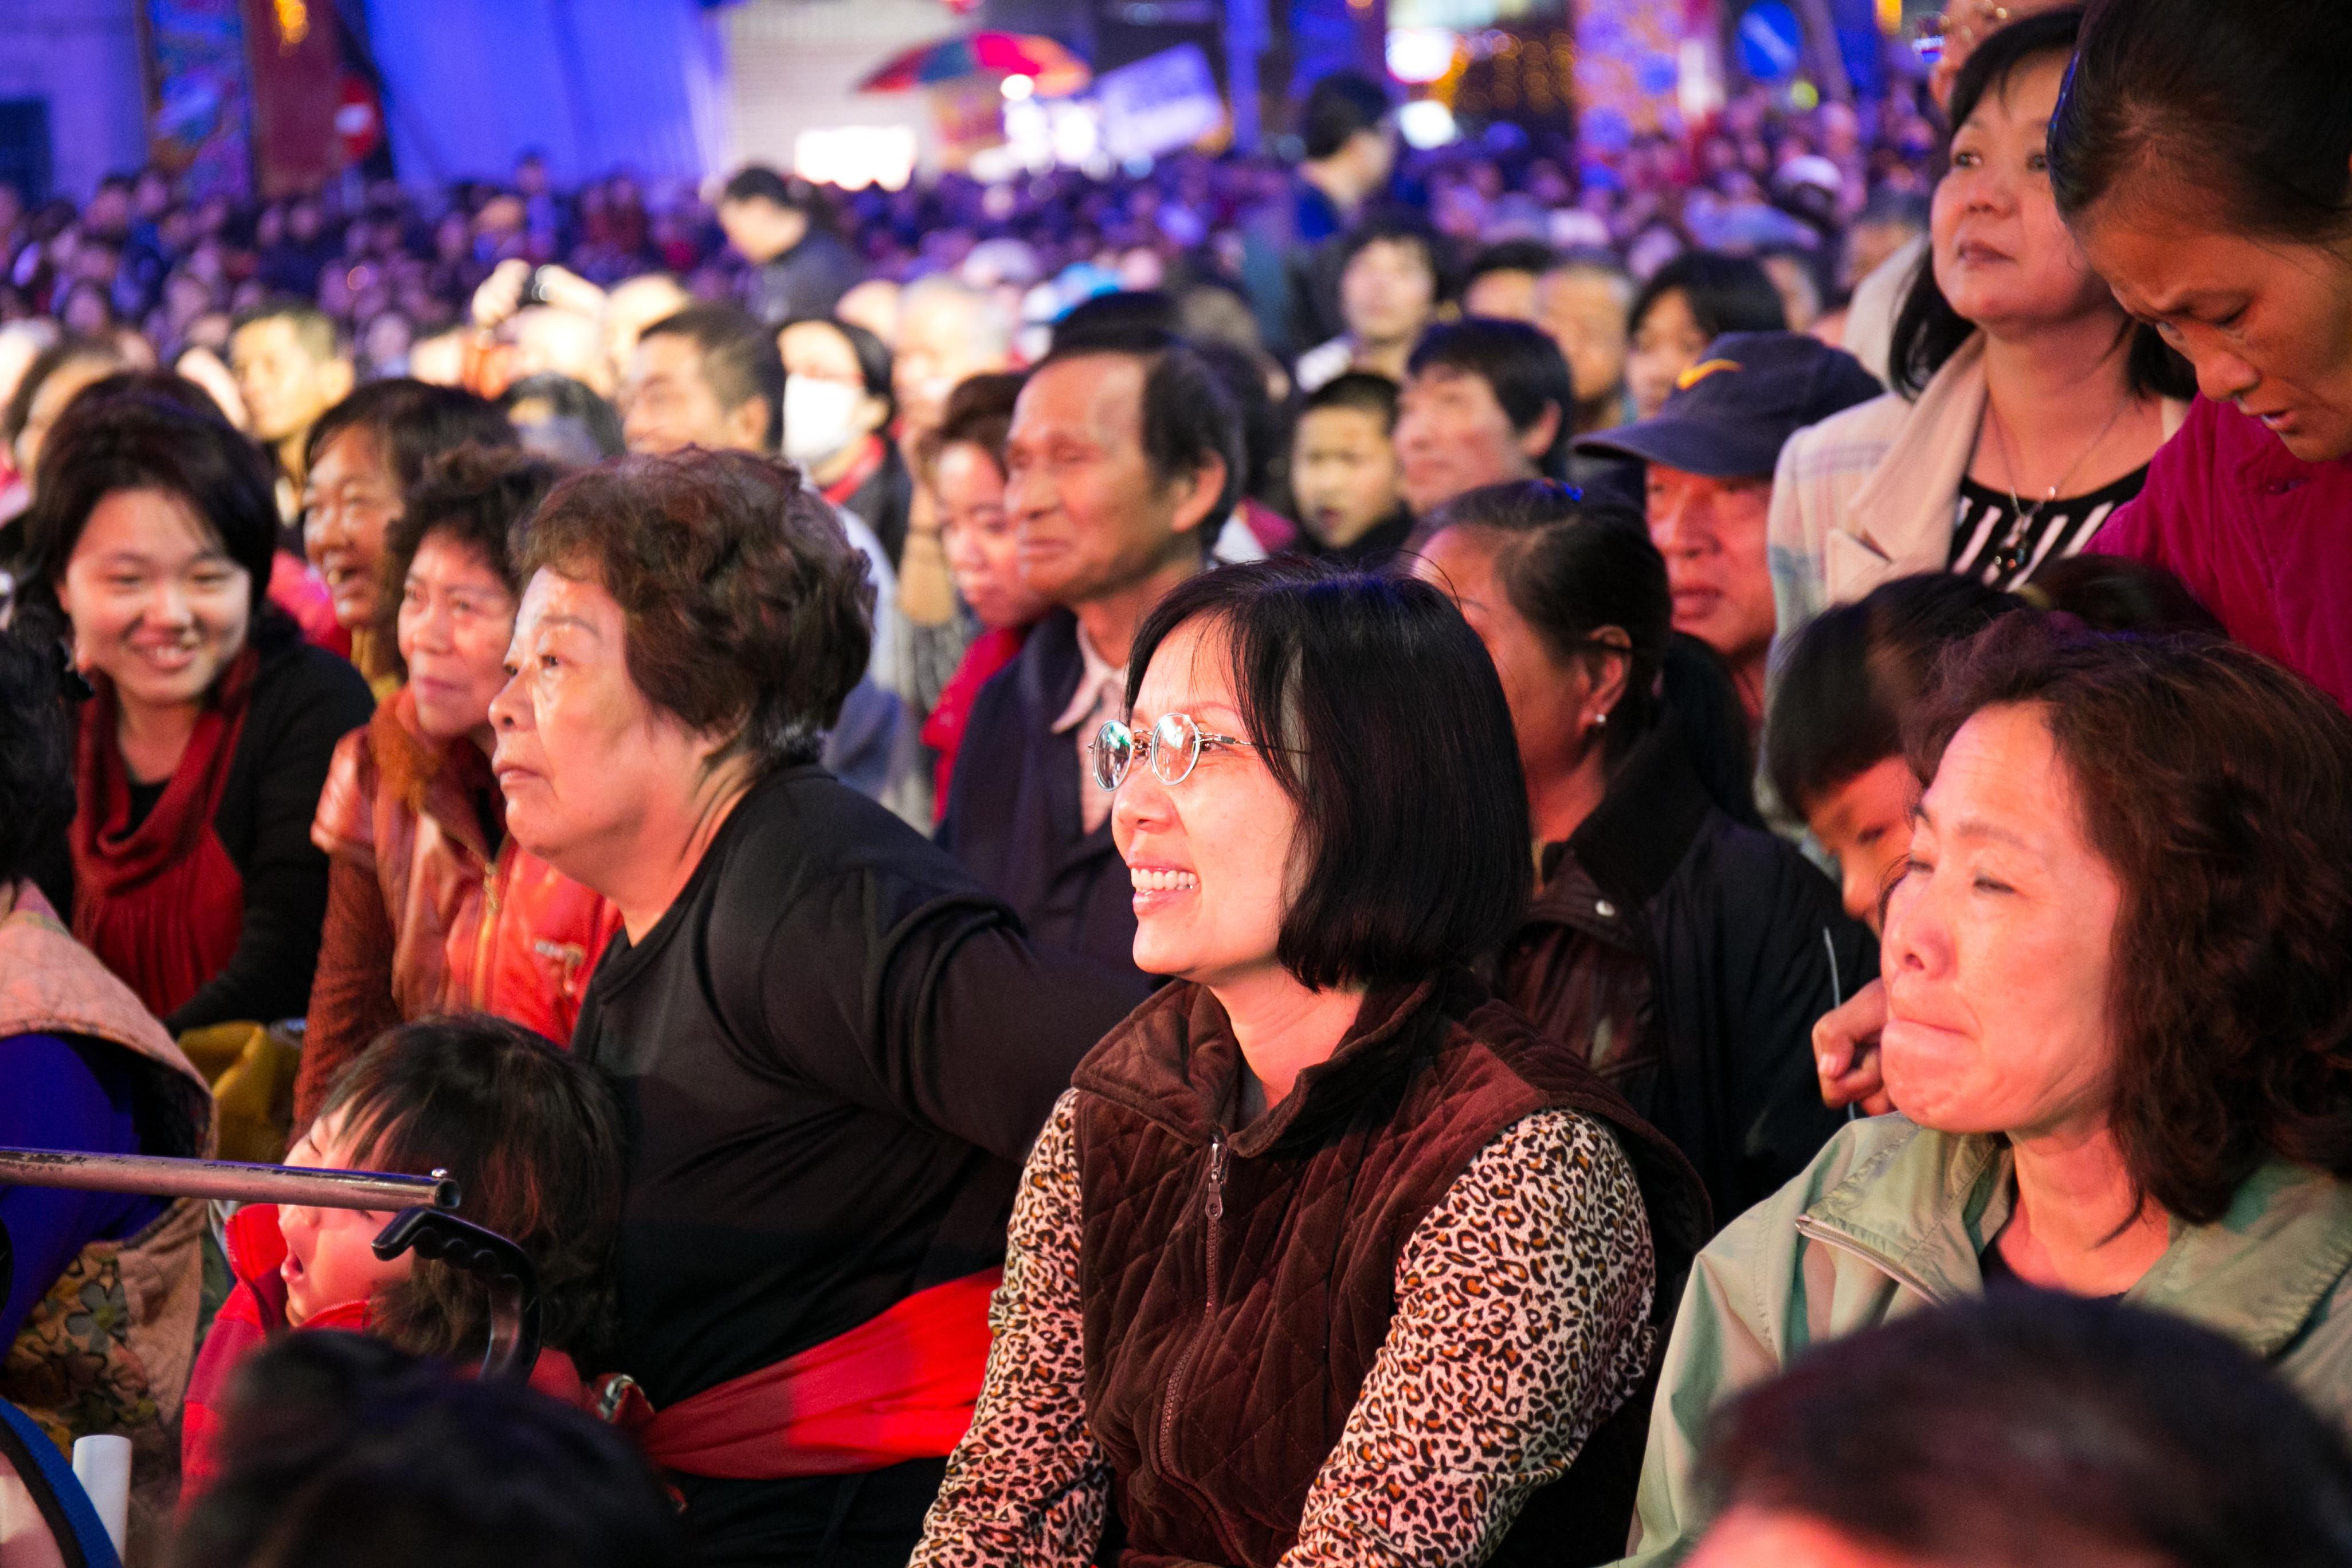 臺中媽祖國際觀光文化節在樂成宮,活動紀錄拍攝者台中婚錄張西米12